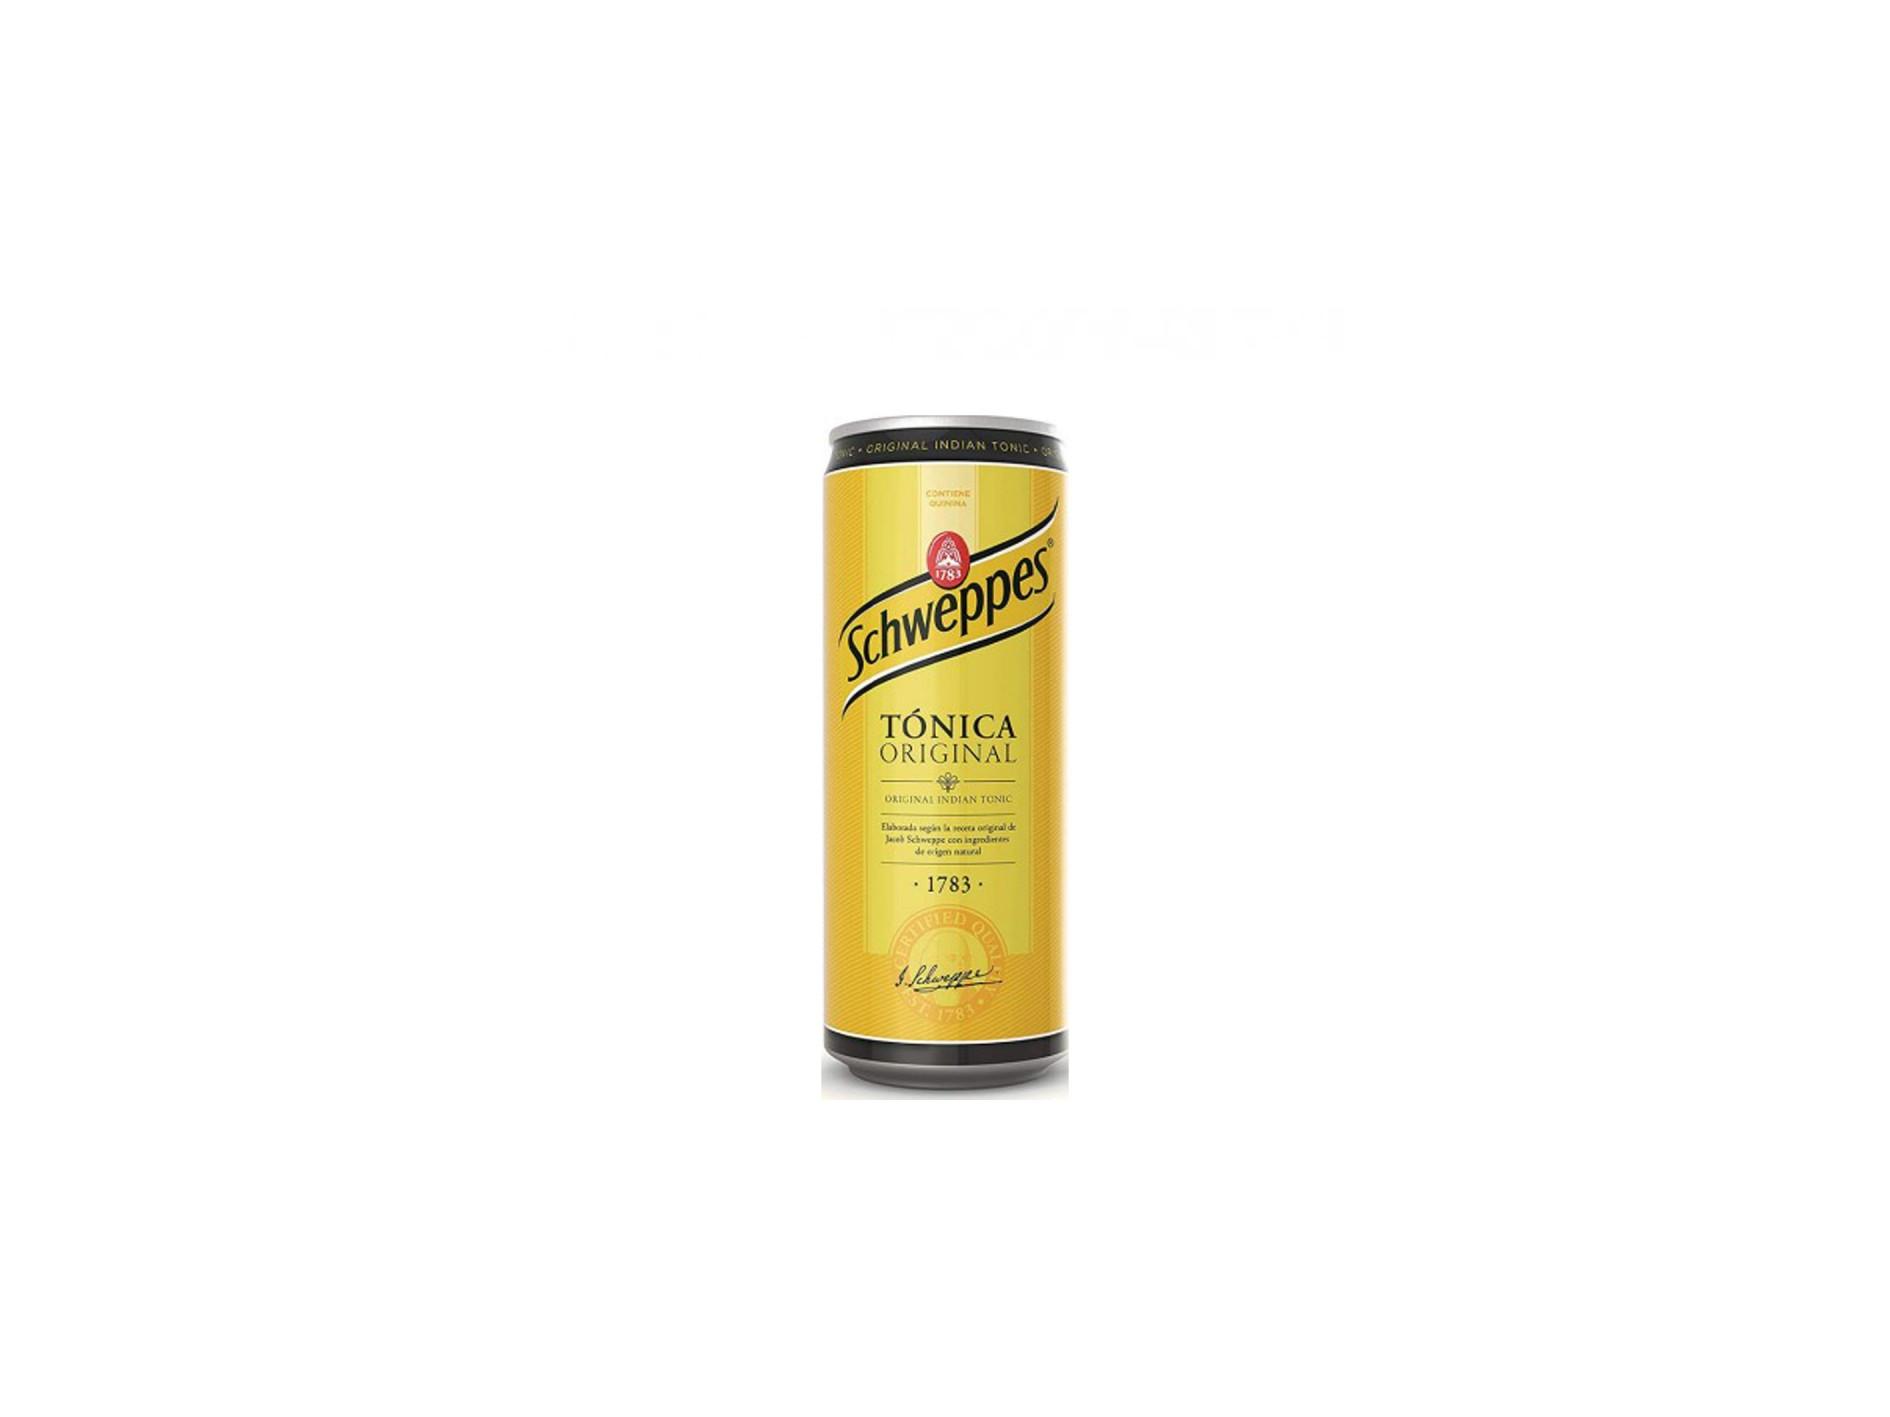 TÓNICA – LATA 33 CL